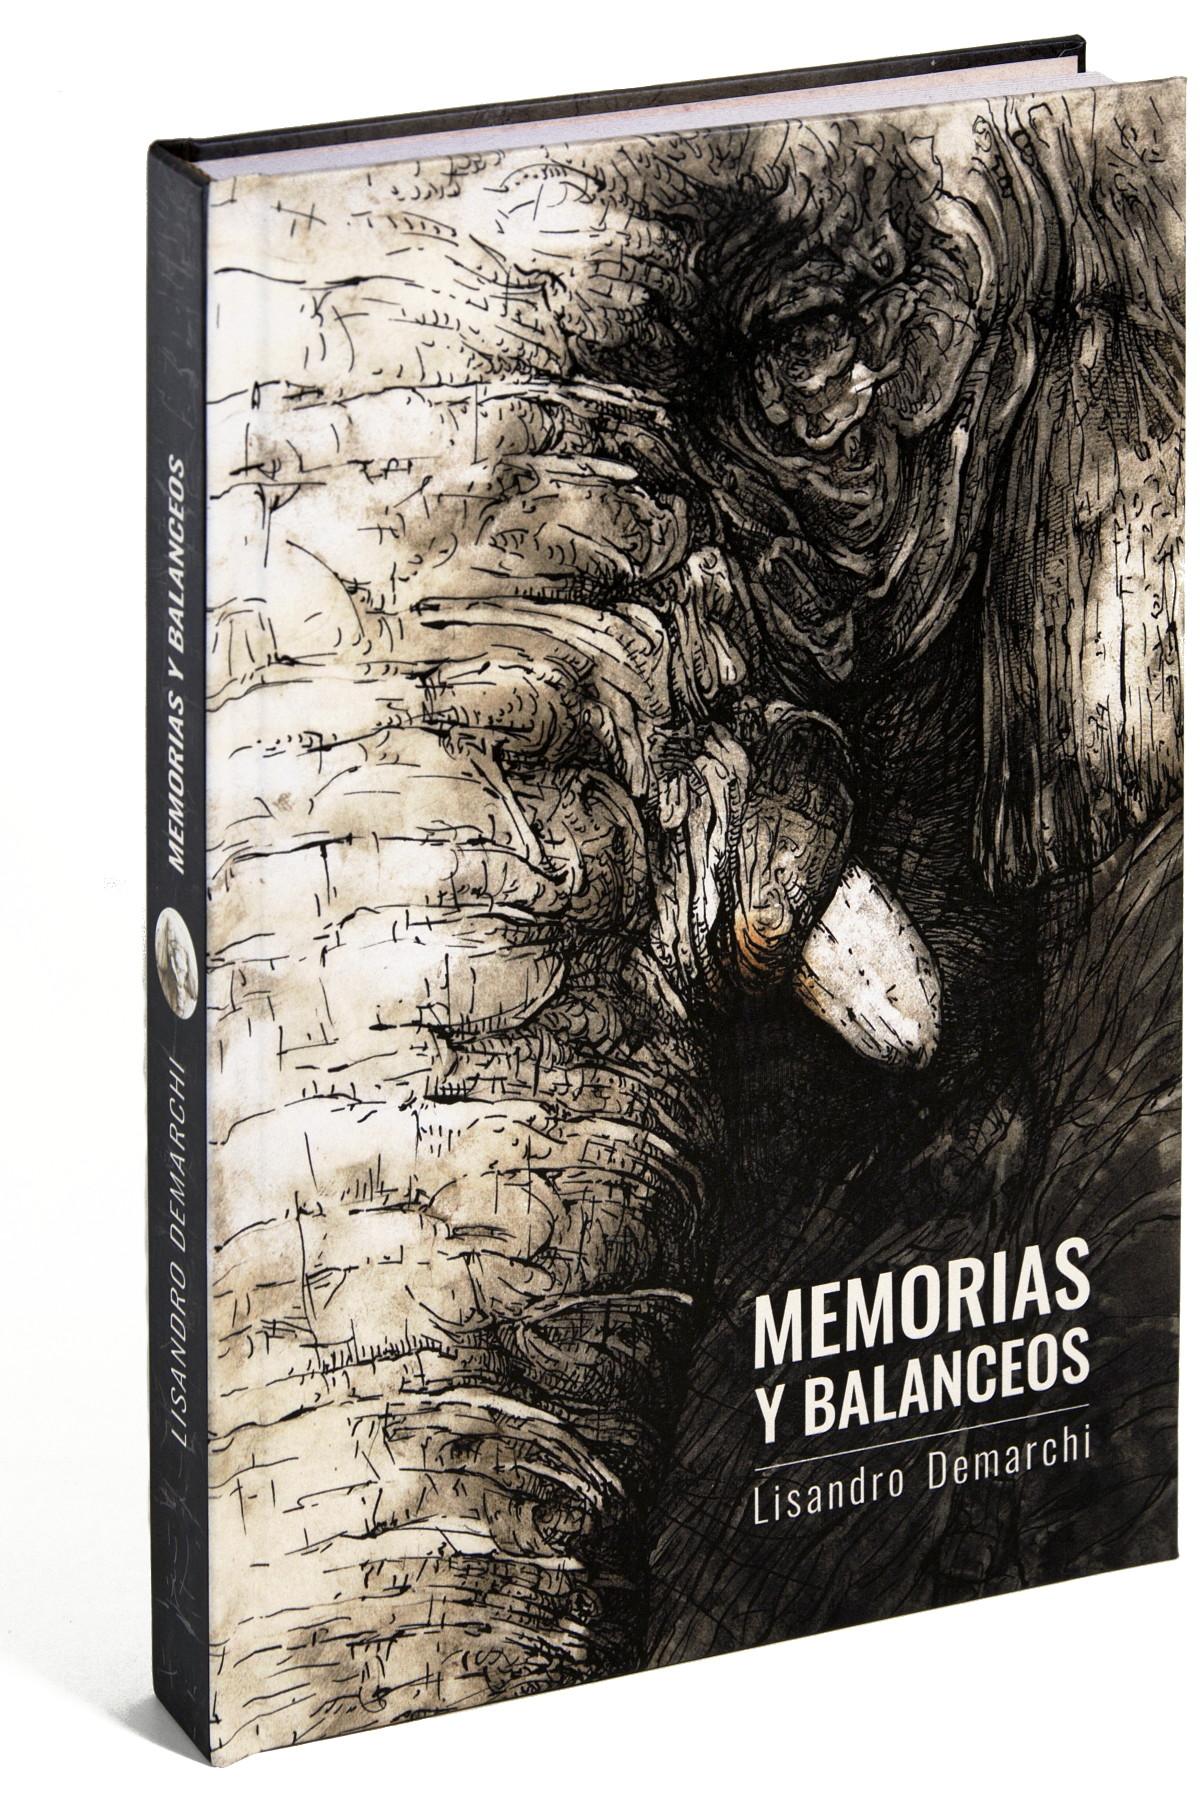 Nuevo libro: Memorias y balanceos